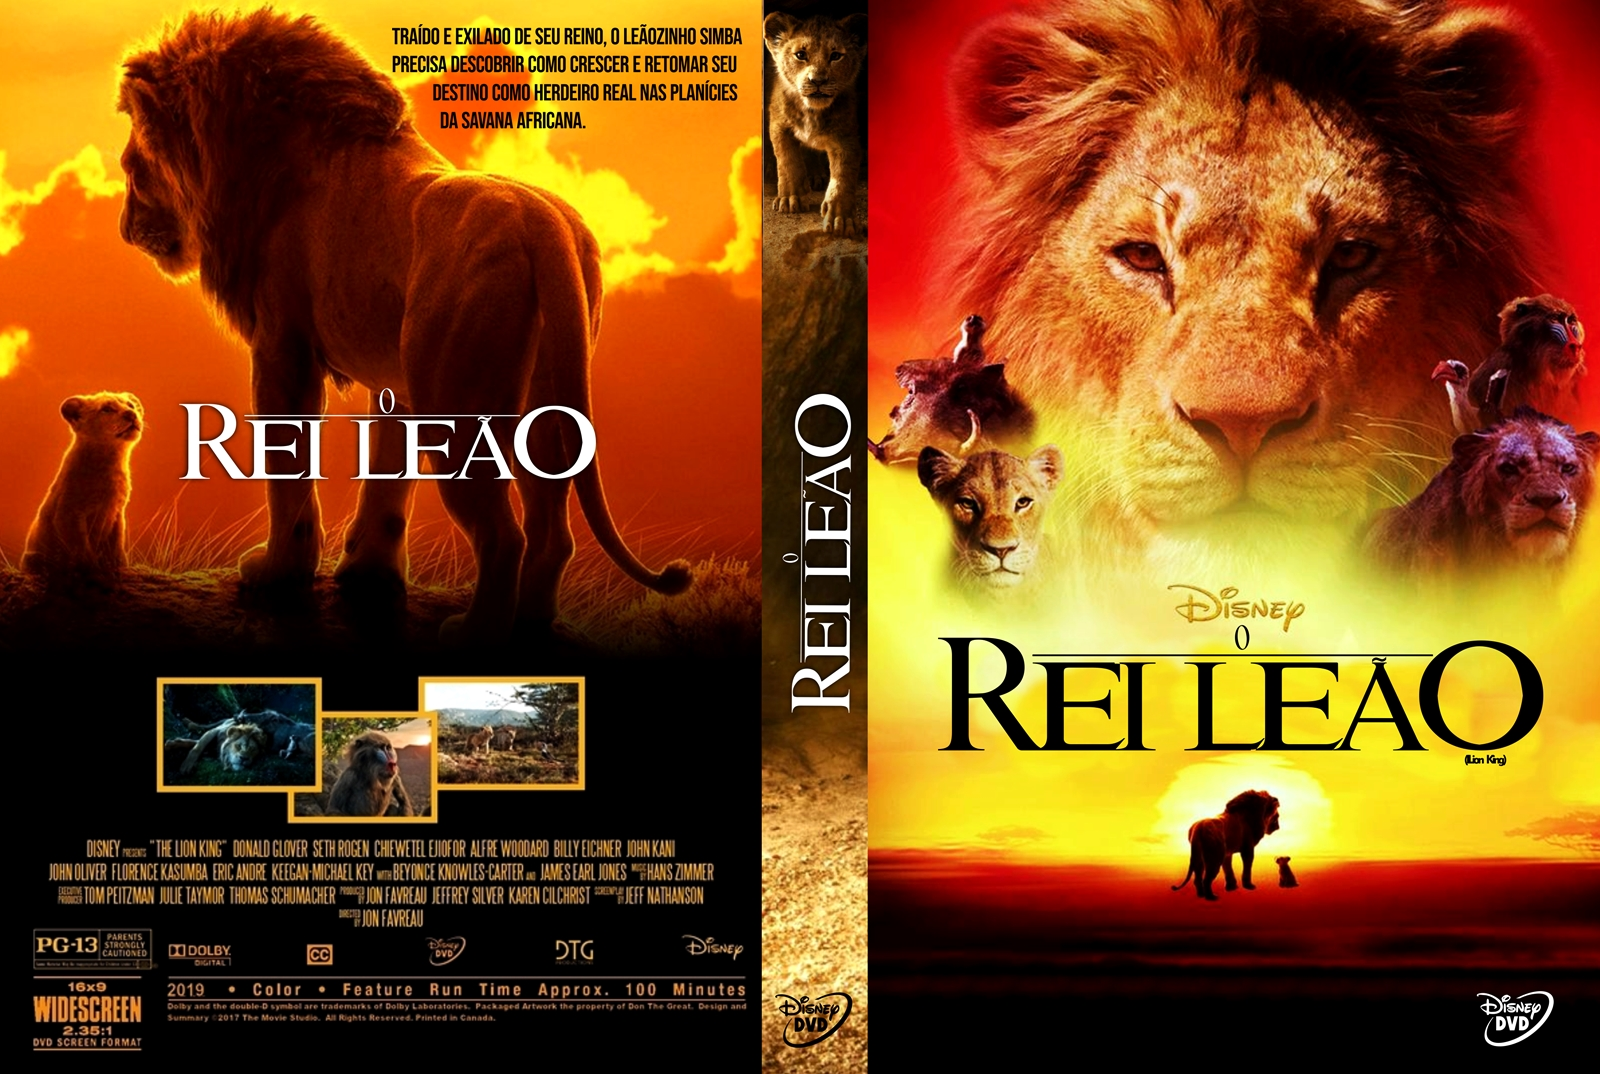 Filme rei leão 2019